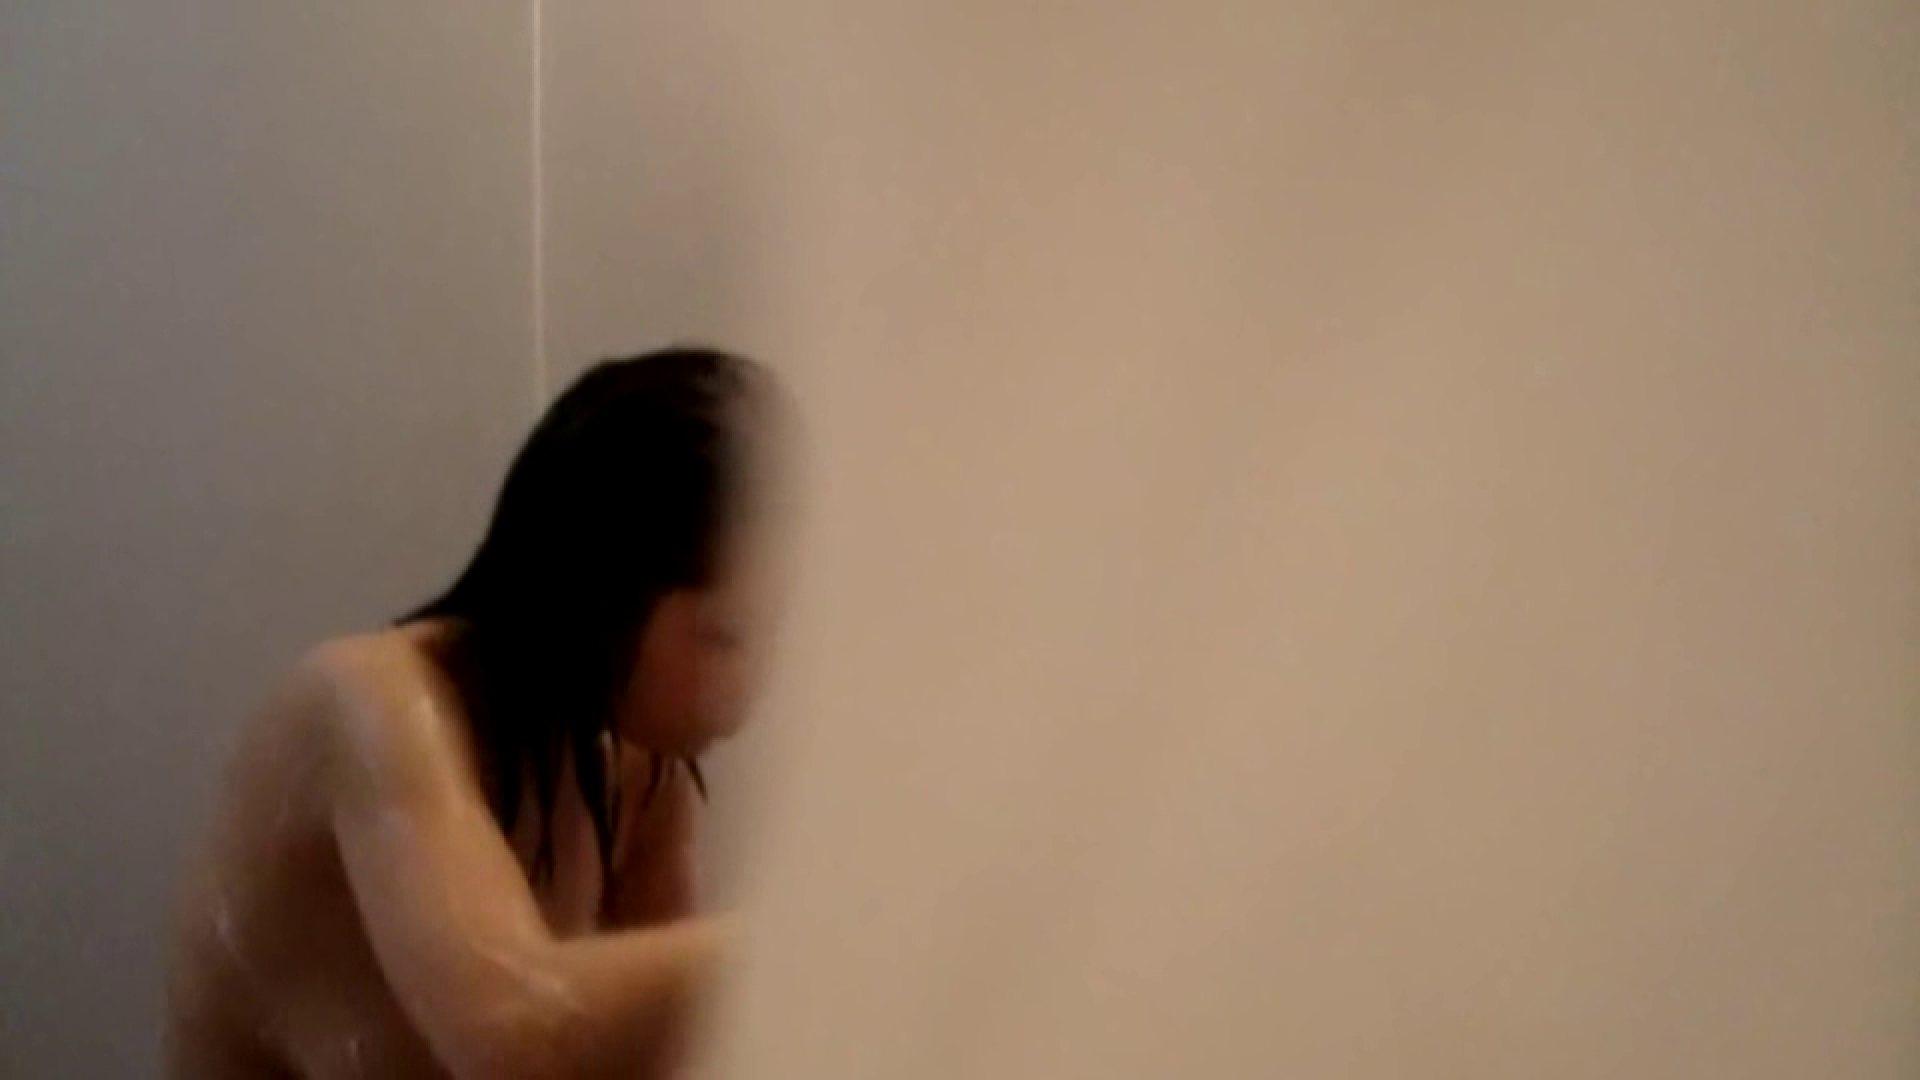 vol.2 葵のグラドル顔負けの爆乳を入浴シーンでどうぞ。 民家   爆乳  111画像 105